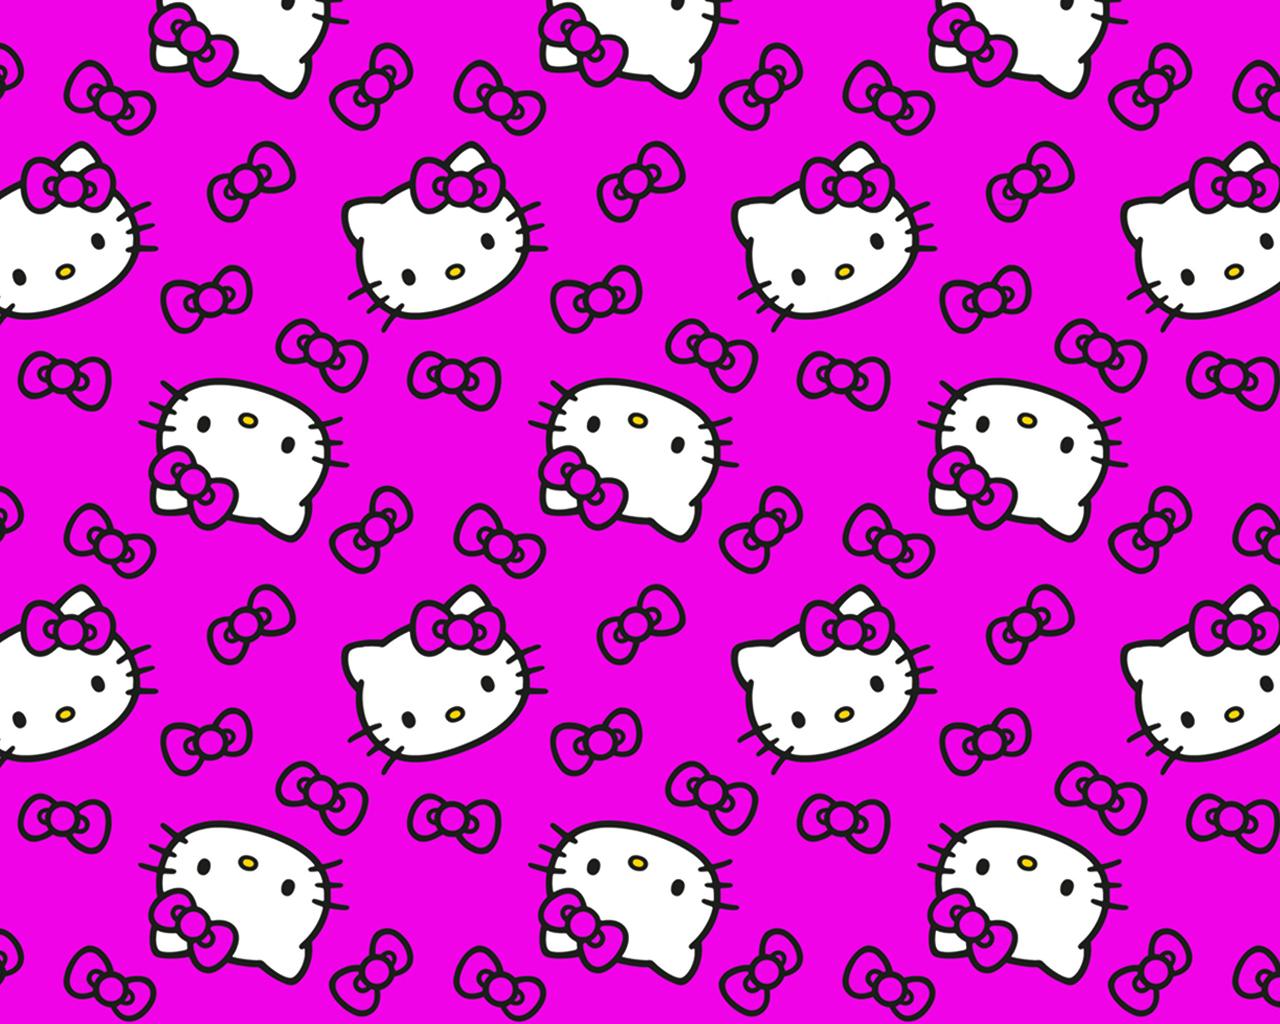 Good Wallpaper Hello Kitty Purple - hello_kitty_1280_1024  Gallery_915740.jpg